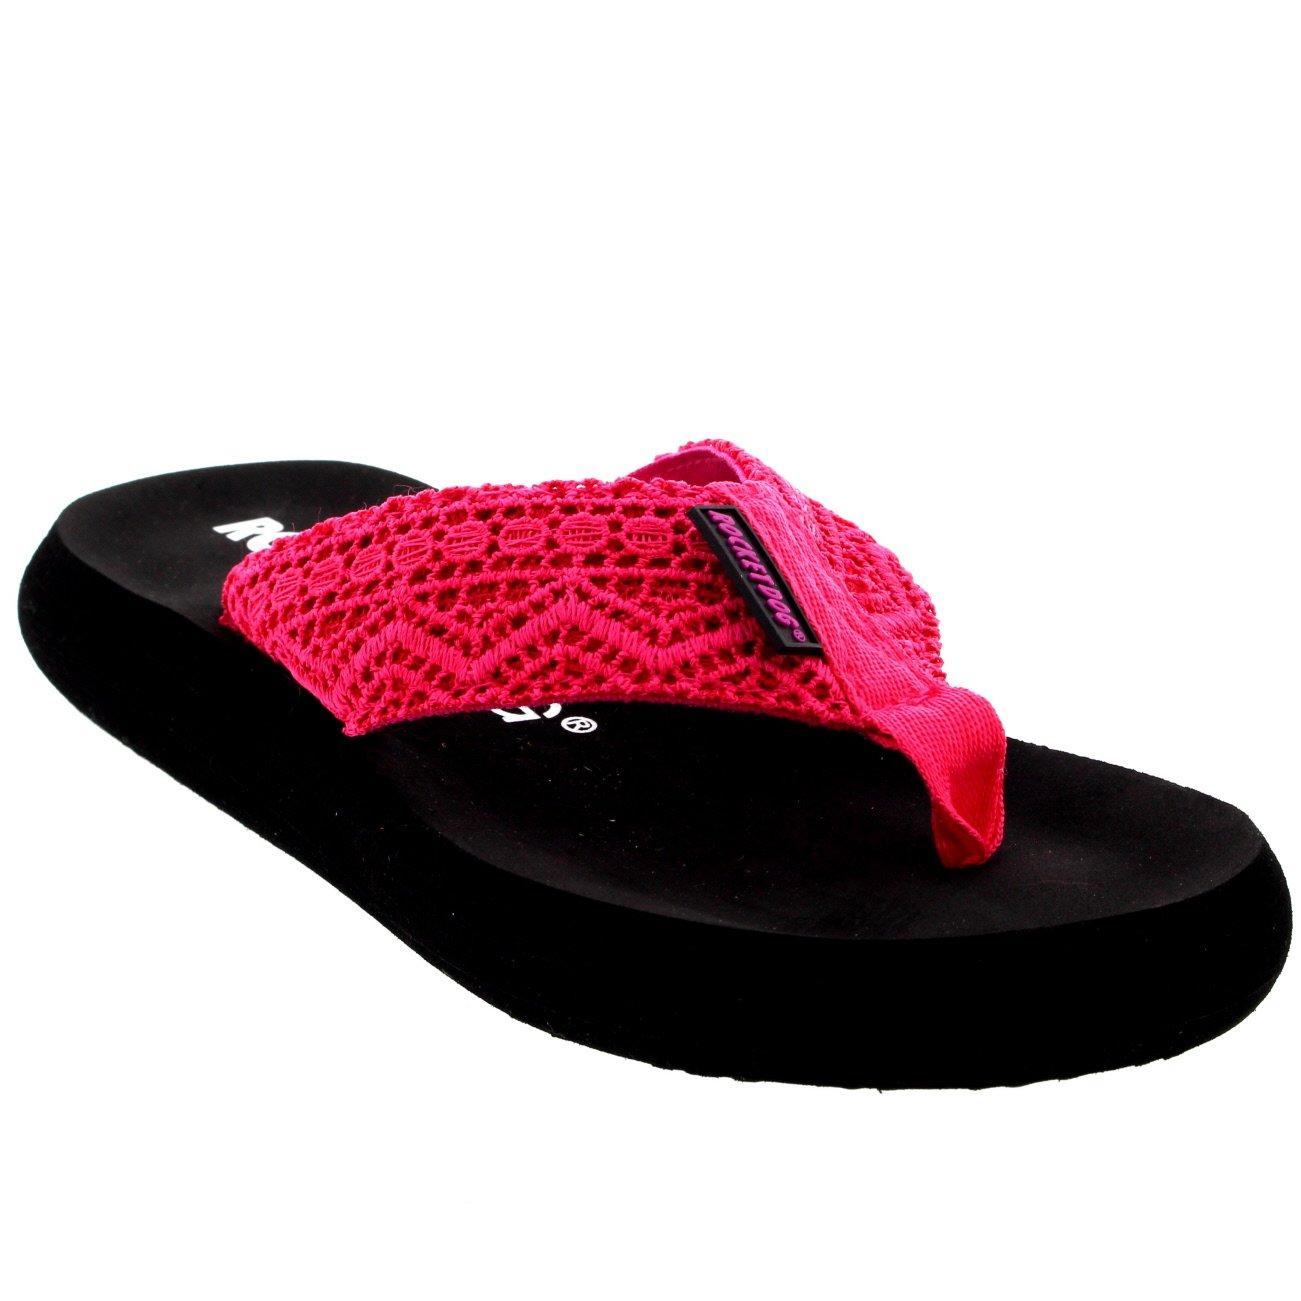 Rocket Dog Womens Spotlight Lima Crochet Sandals Beach Summer Flip Flops US - Pink - 6